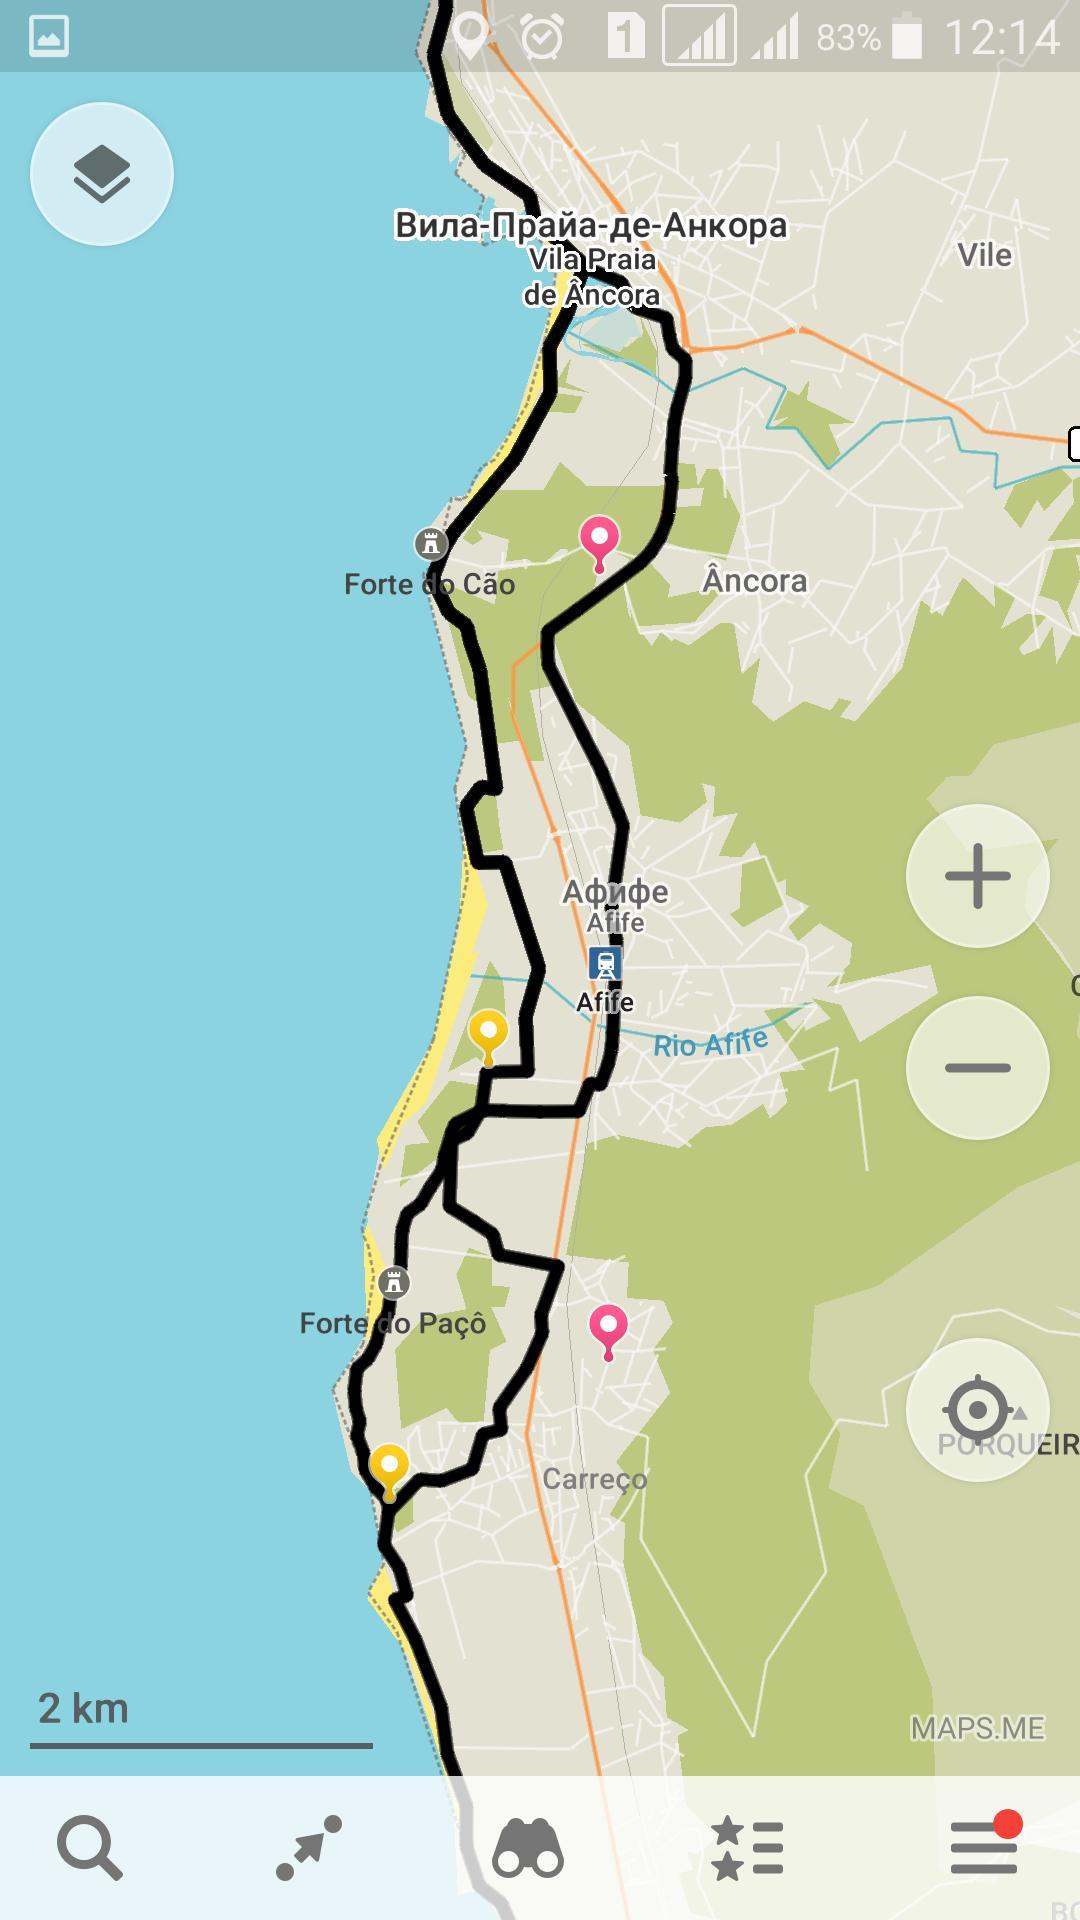 Португальский путь Сантьяго береговой маршрут